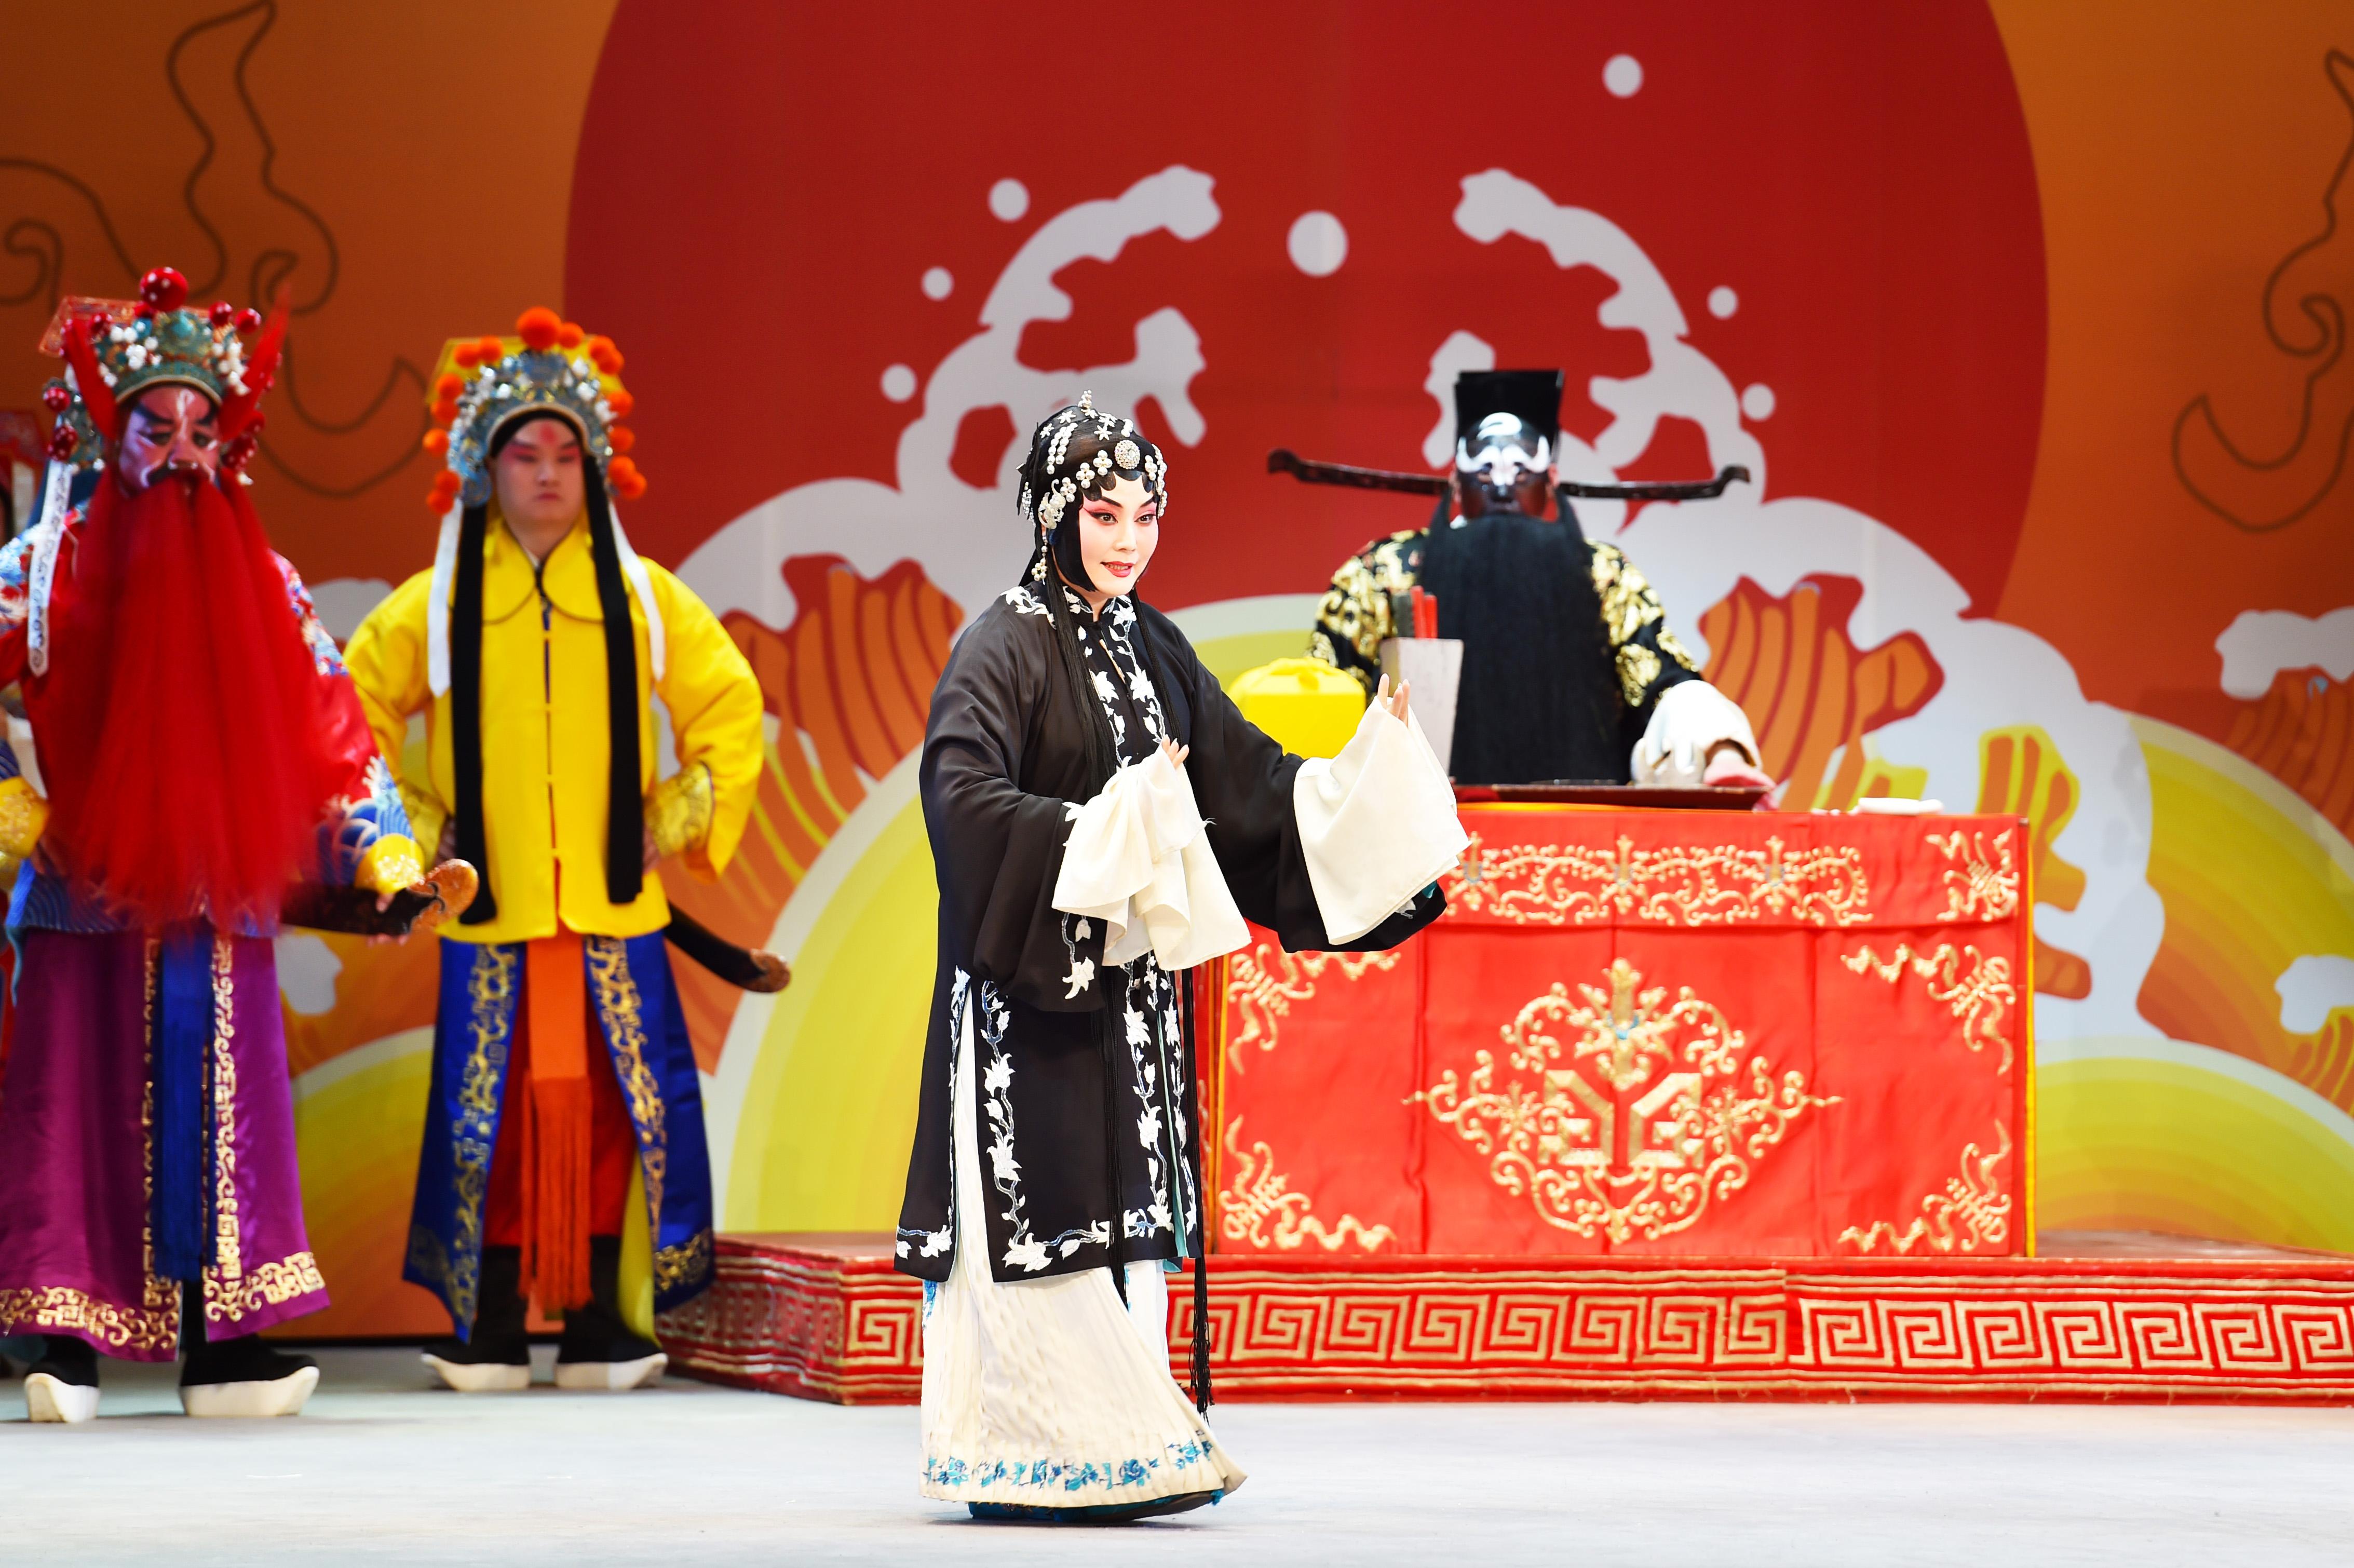 第29届中国戏剧梅花奖评剧折子戏现场竞演在南宁举行